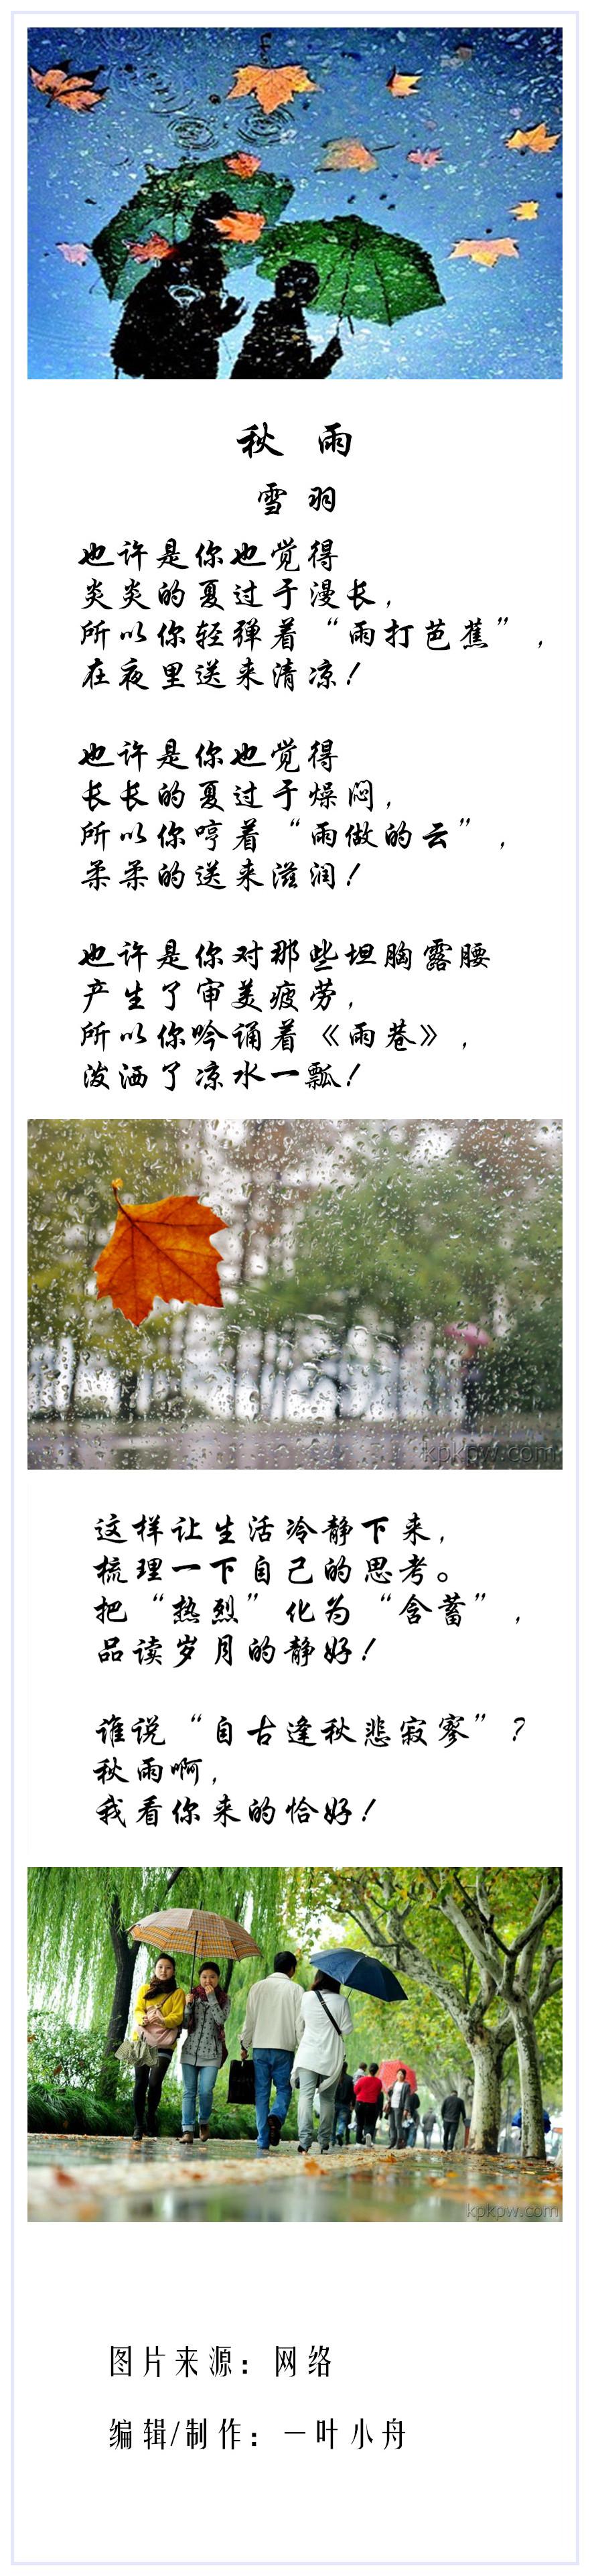 秋雨诗合成